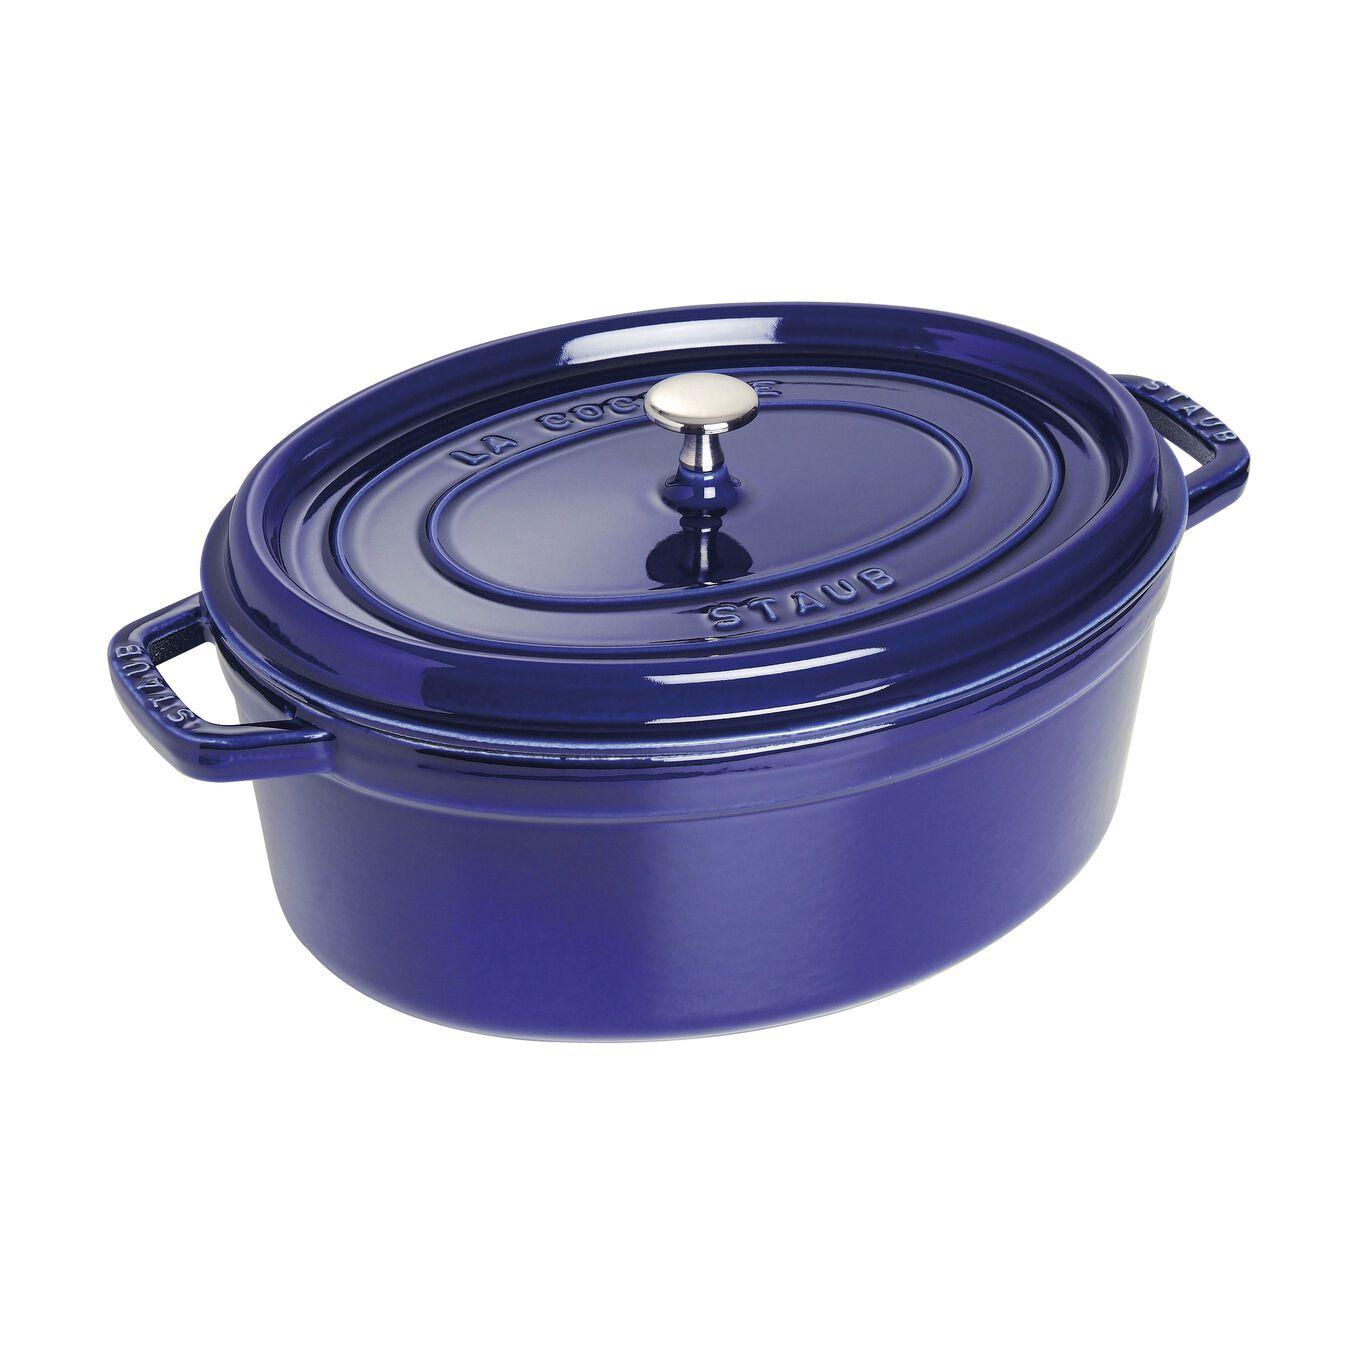 Cocotte 33 cm, Ovale, Bleu intense, Fonte,,large 1